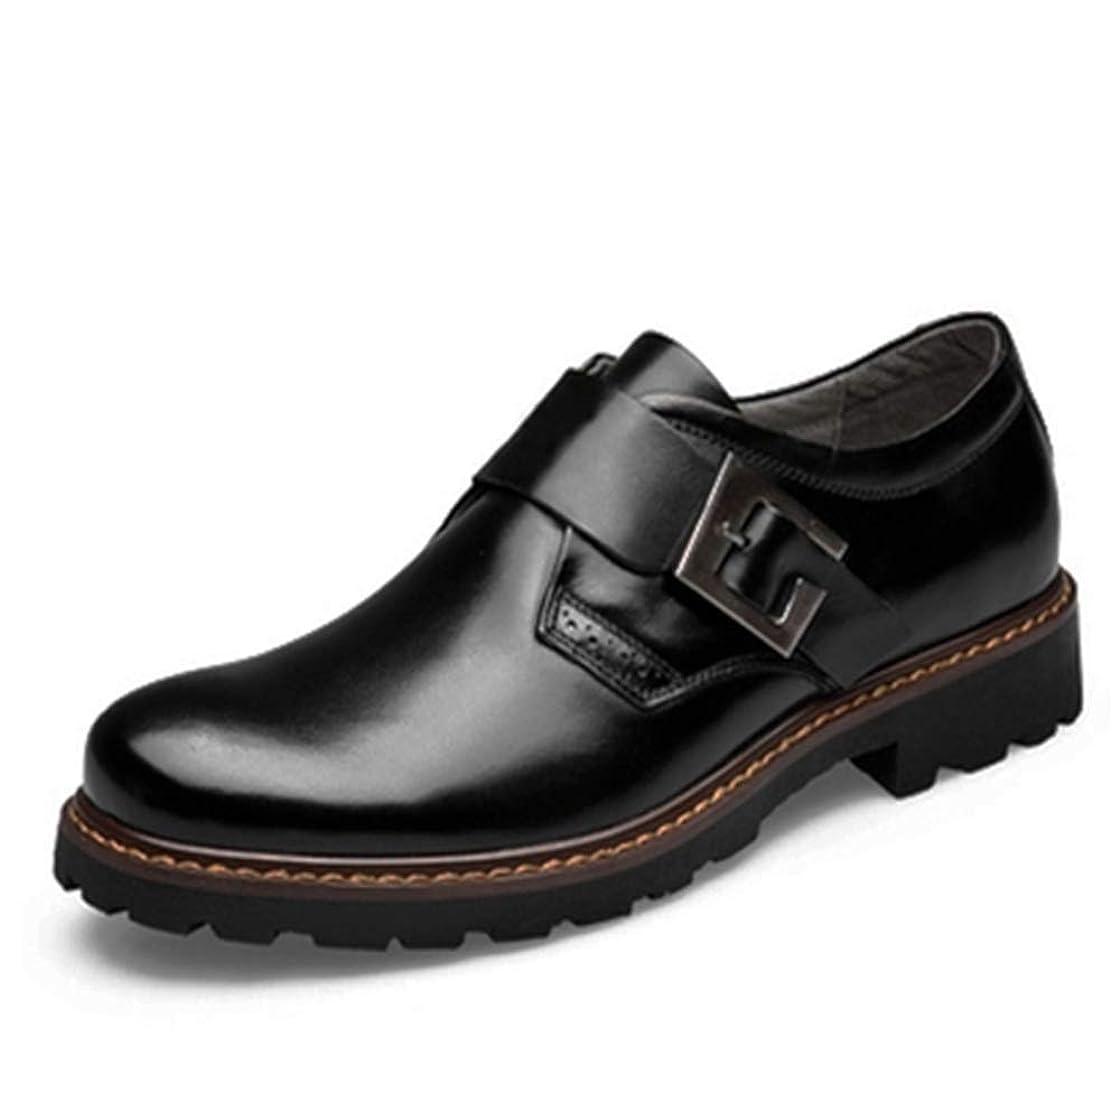 骨折詐欺これまで靴メンズファッションオックスフォードカジュアルコンフォートOXレザーレースアップクラシックレジャーシューズ(バックルはオプションです)